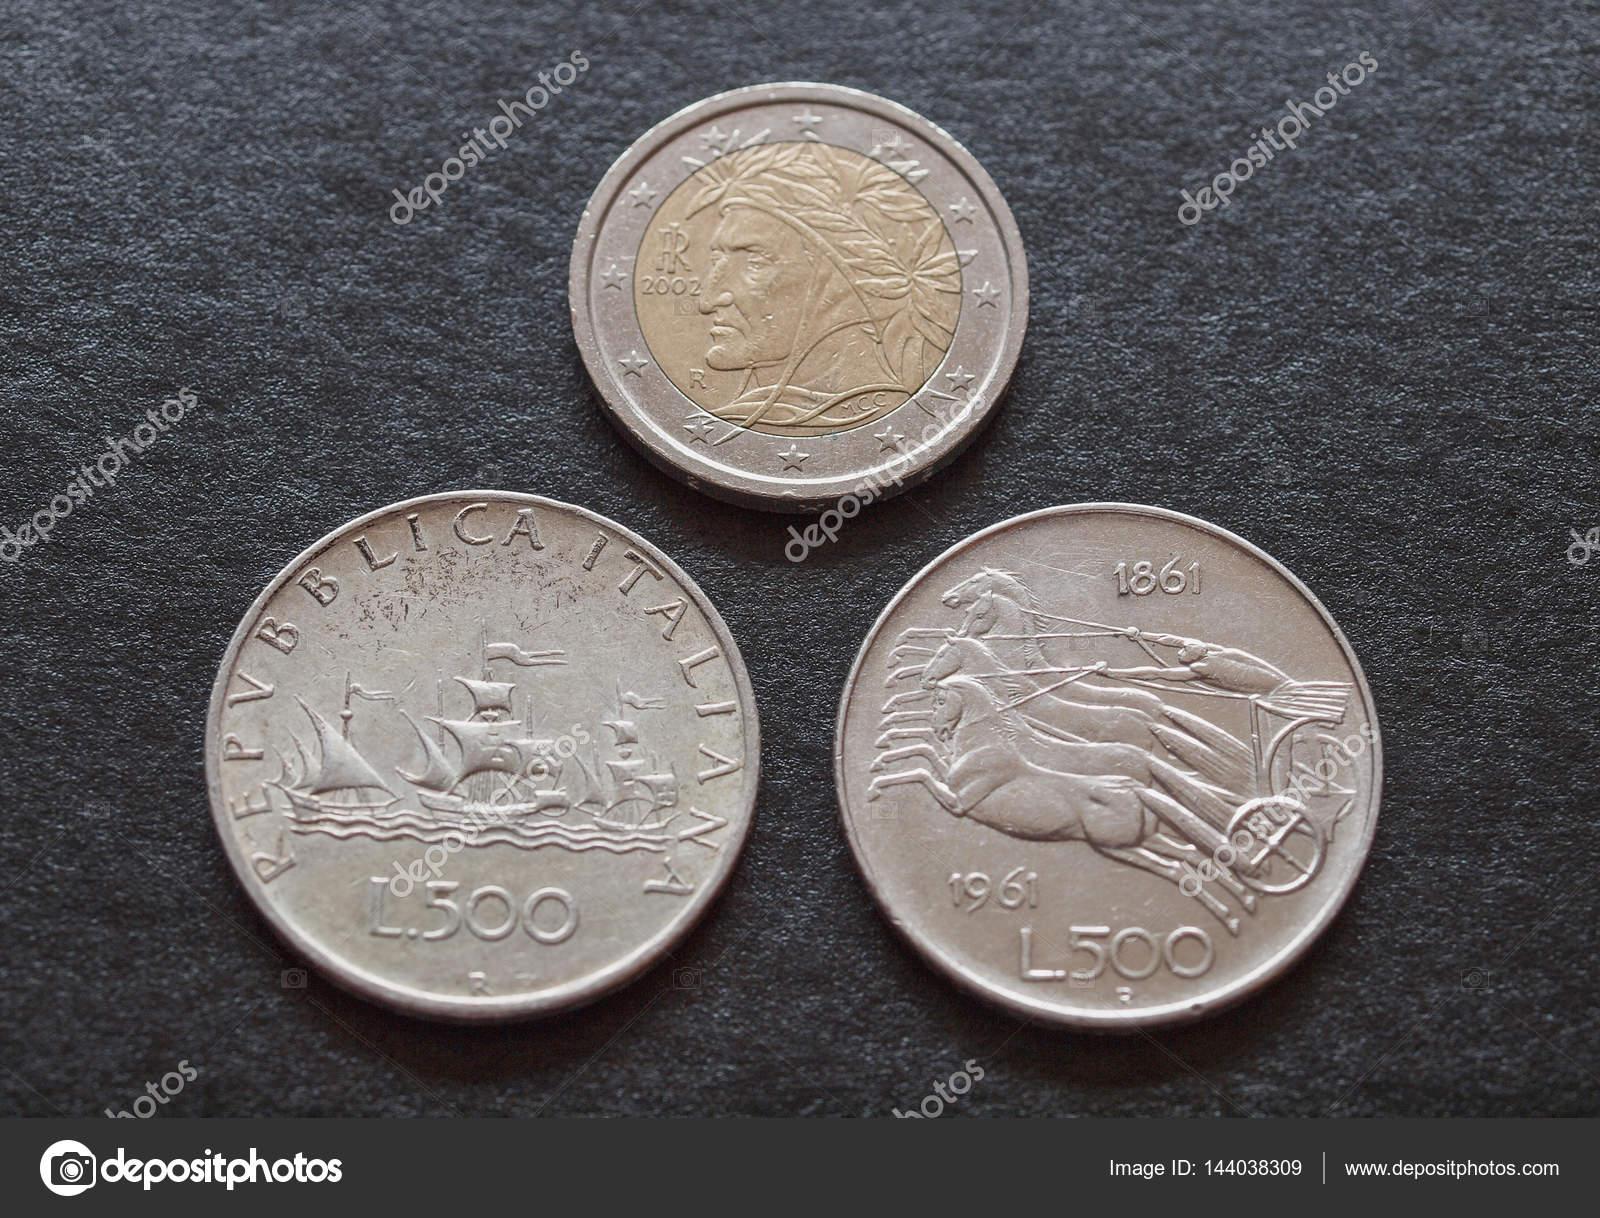 Italienische Lire Silber Münzen Bis Die 1960er Jahre Zurückreicht